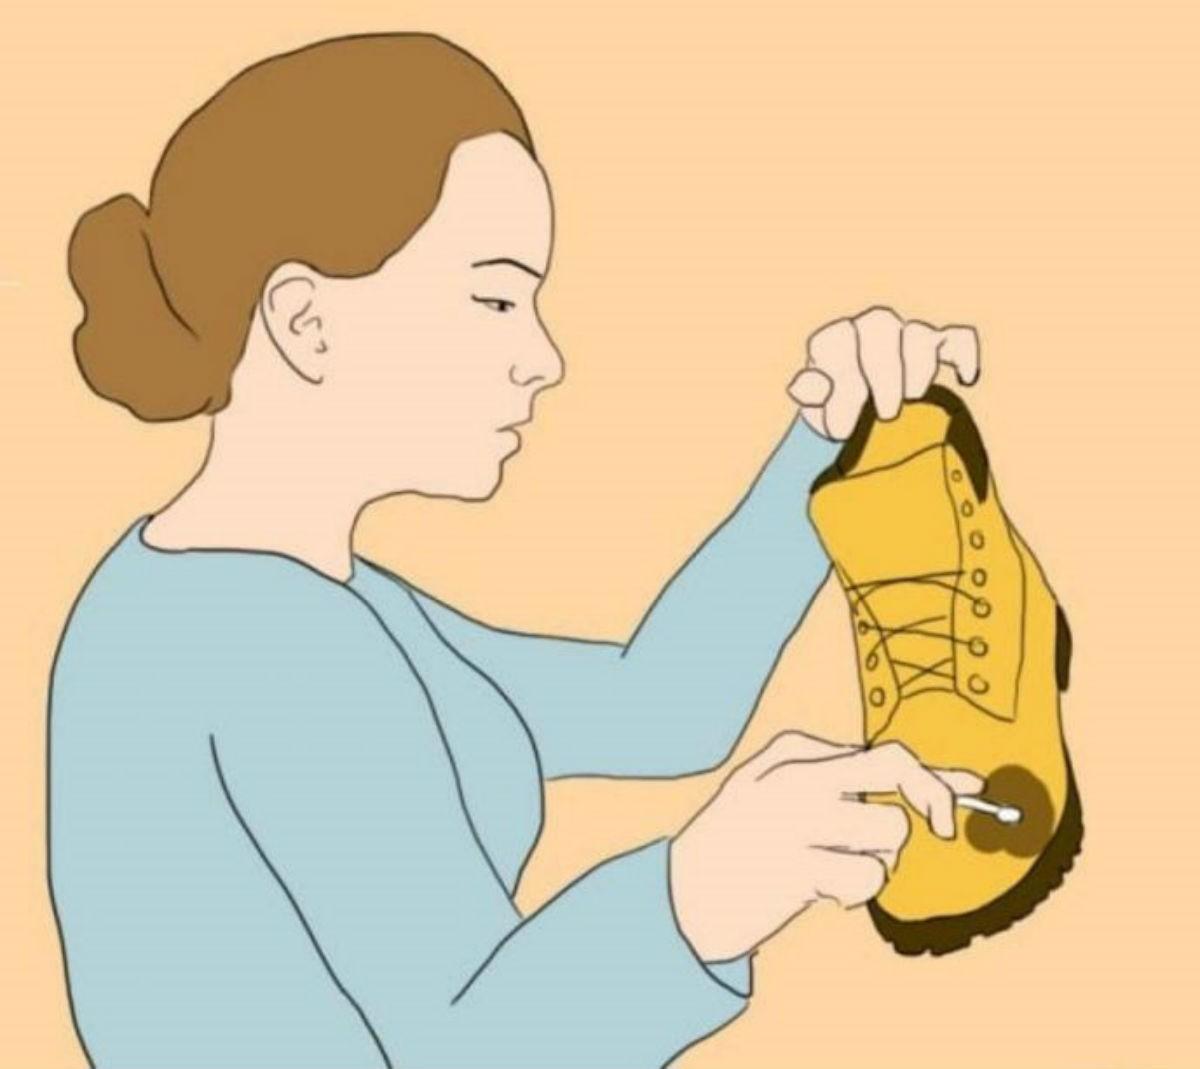 Полезные обувные хитрости, о которых не знала даже золушка